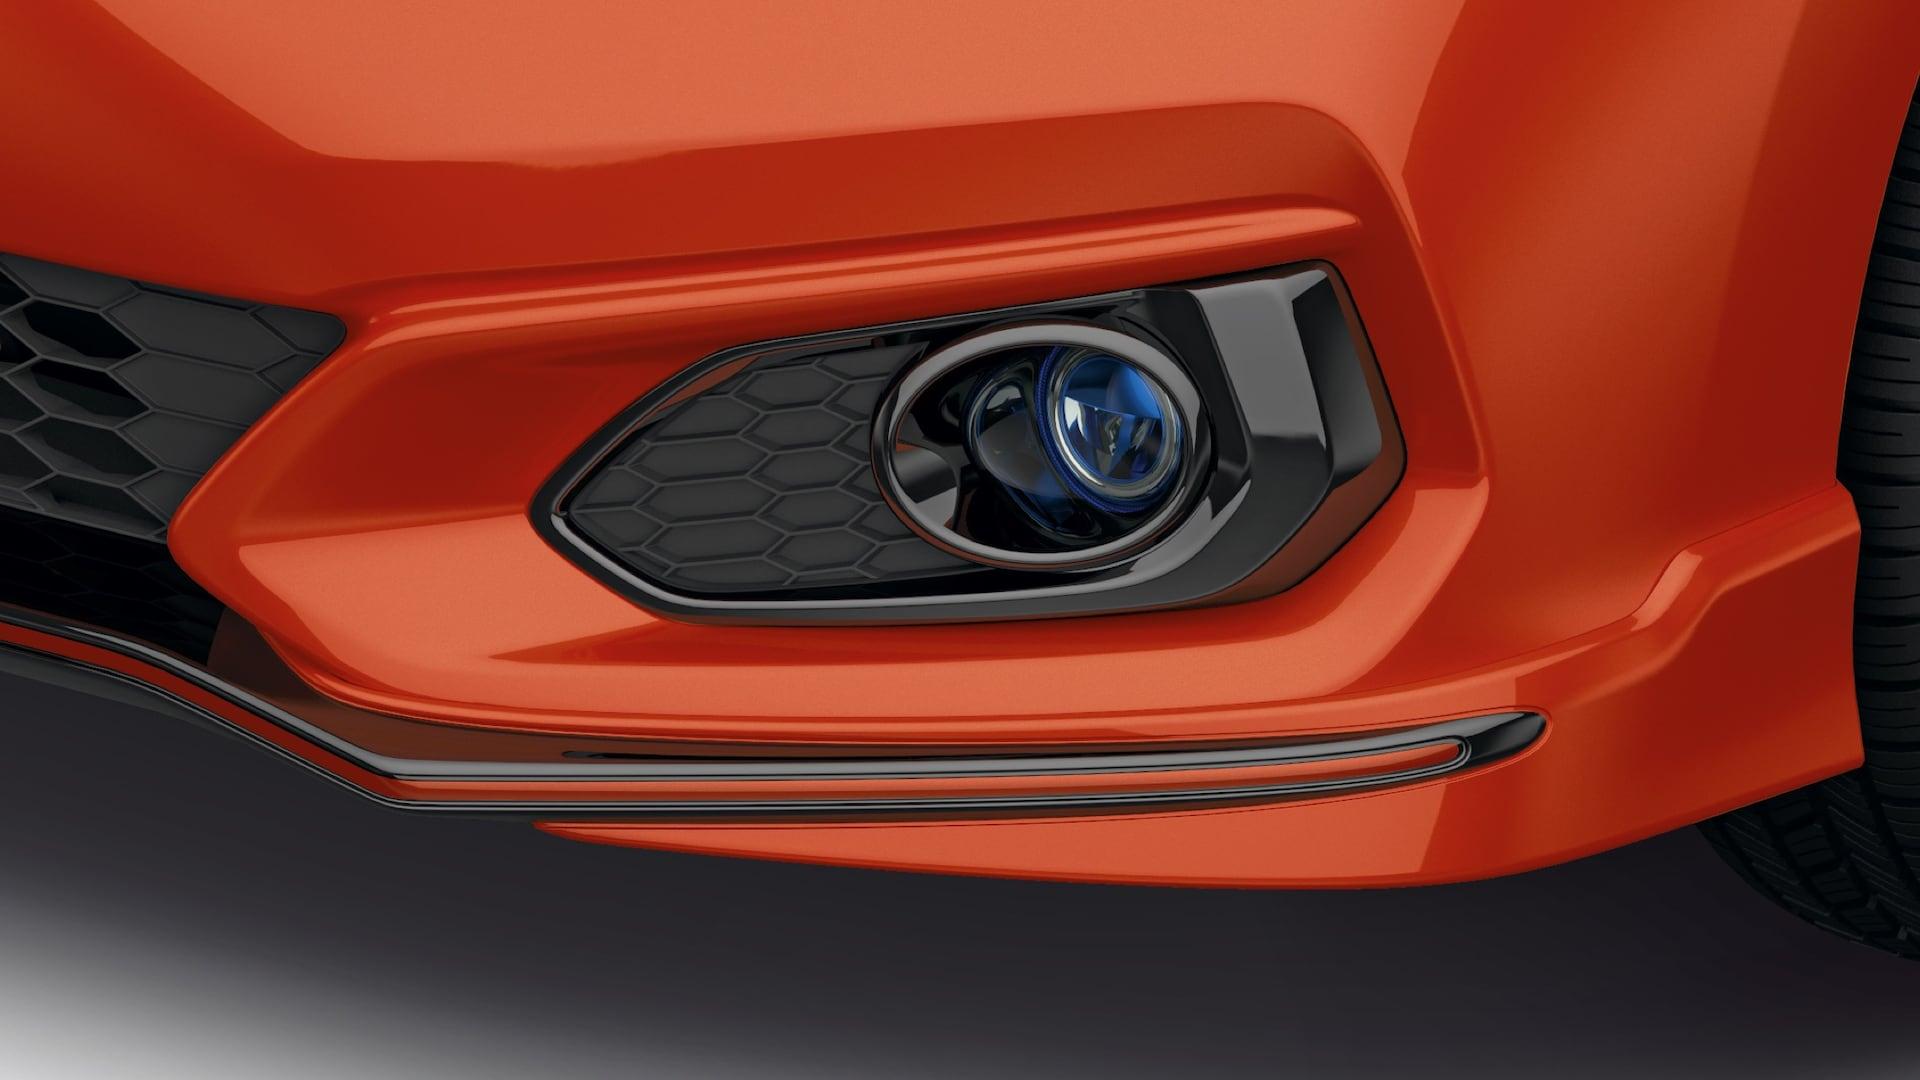 Vista frontal desde el lado del conductor del detalle de los faros antiniebla de LED del Honda Fit2020 en Orange Fury.